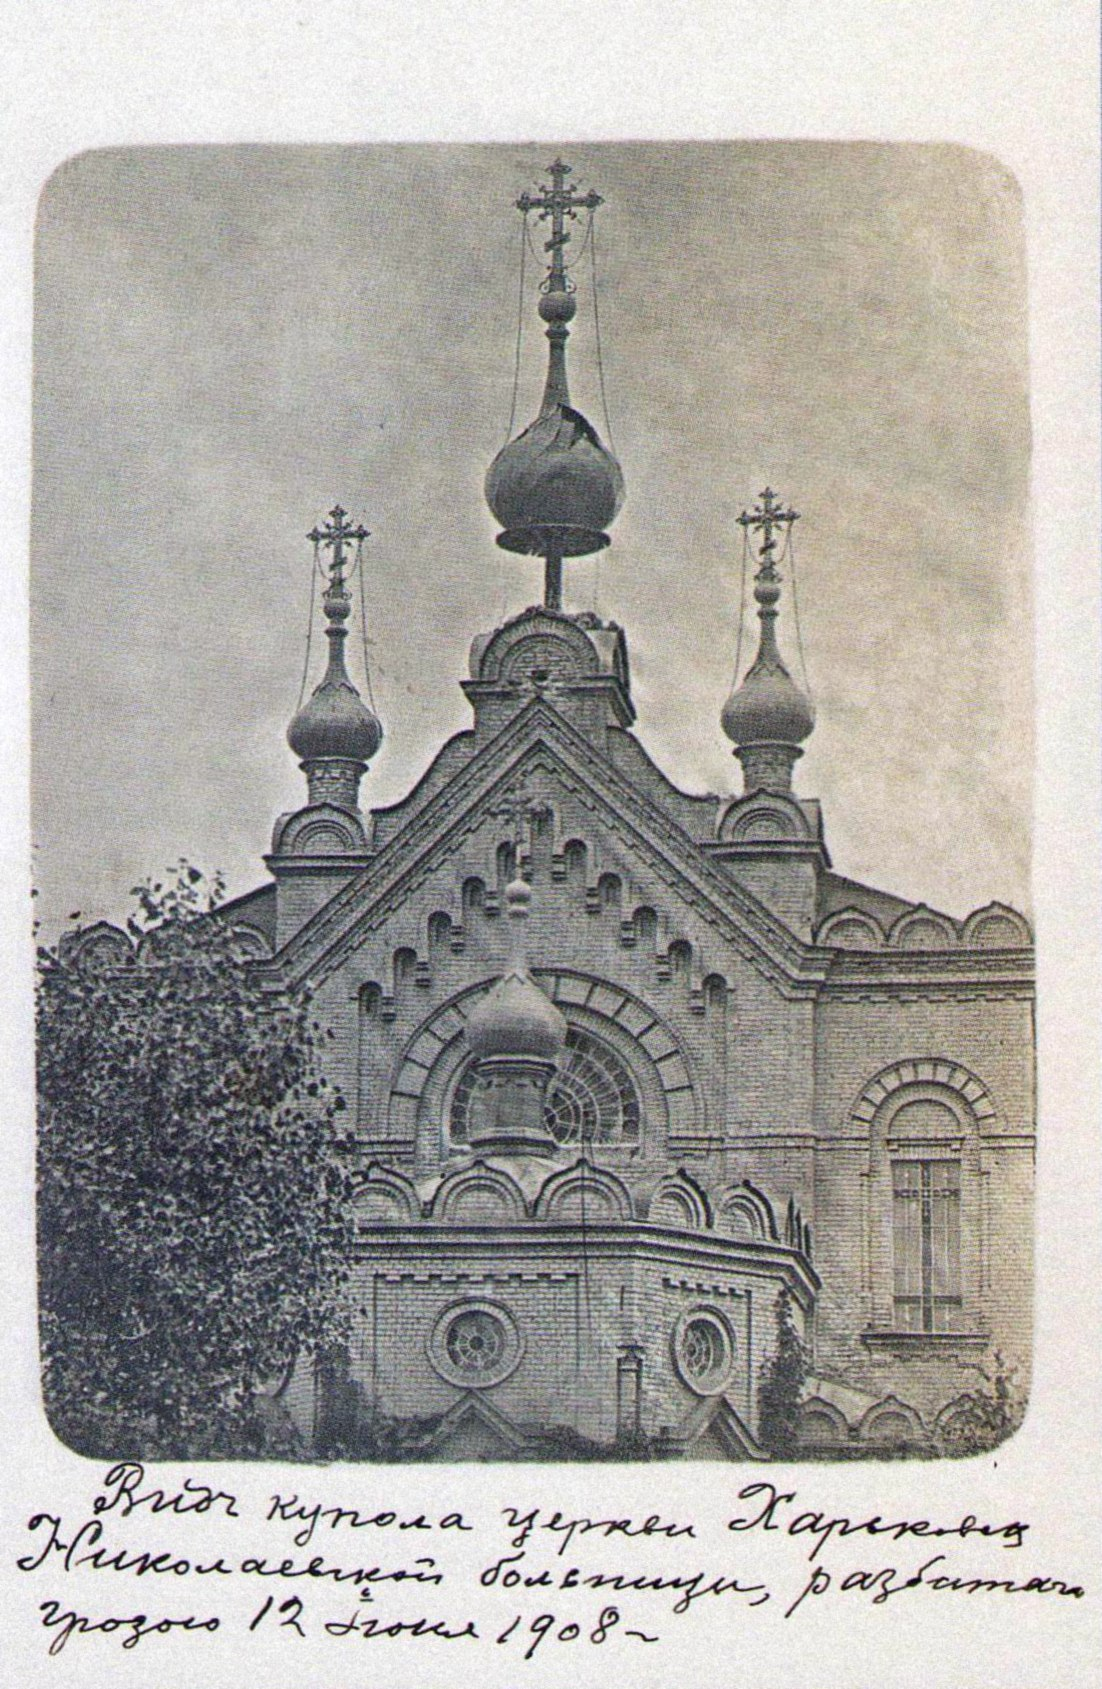 Вид купола церкви Харьковской Николаевской больницы, разбитого грозою 12 июня 1908